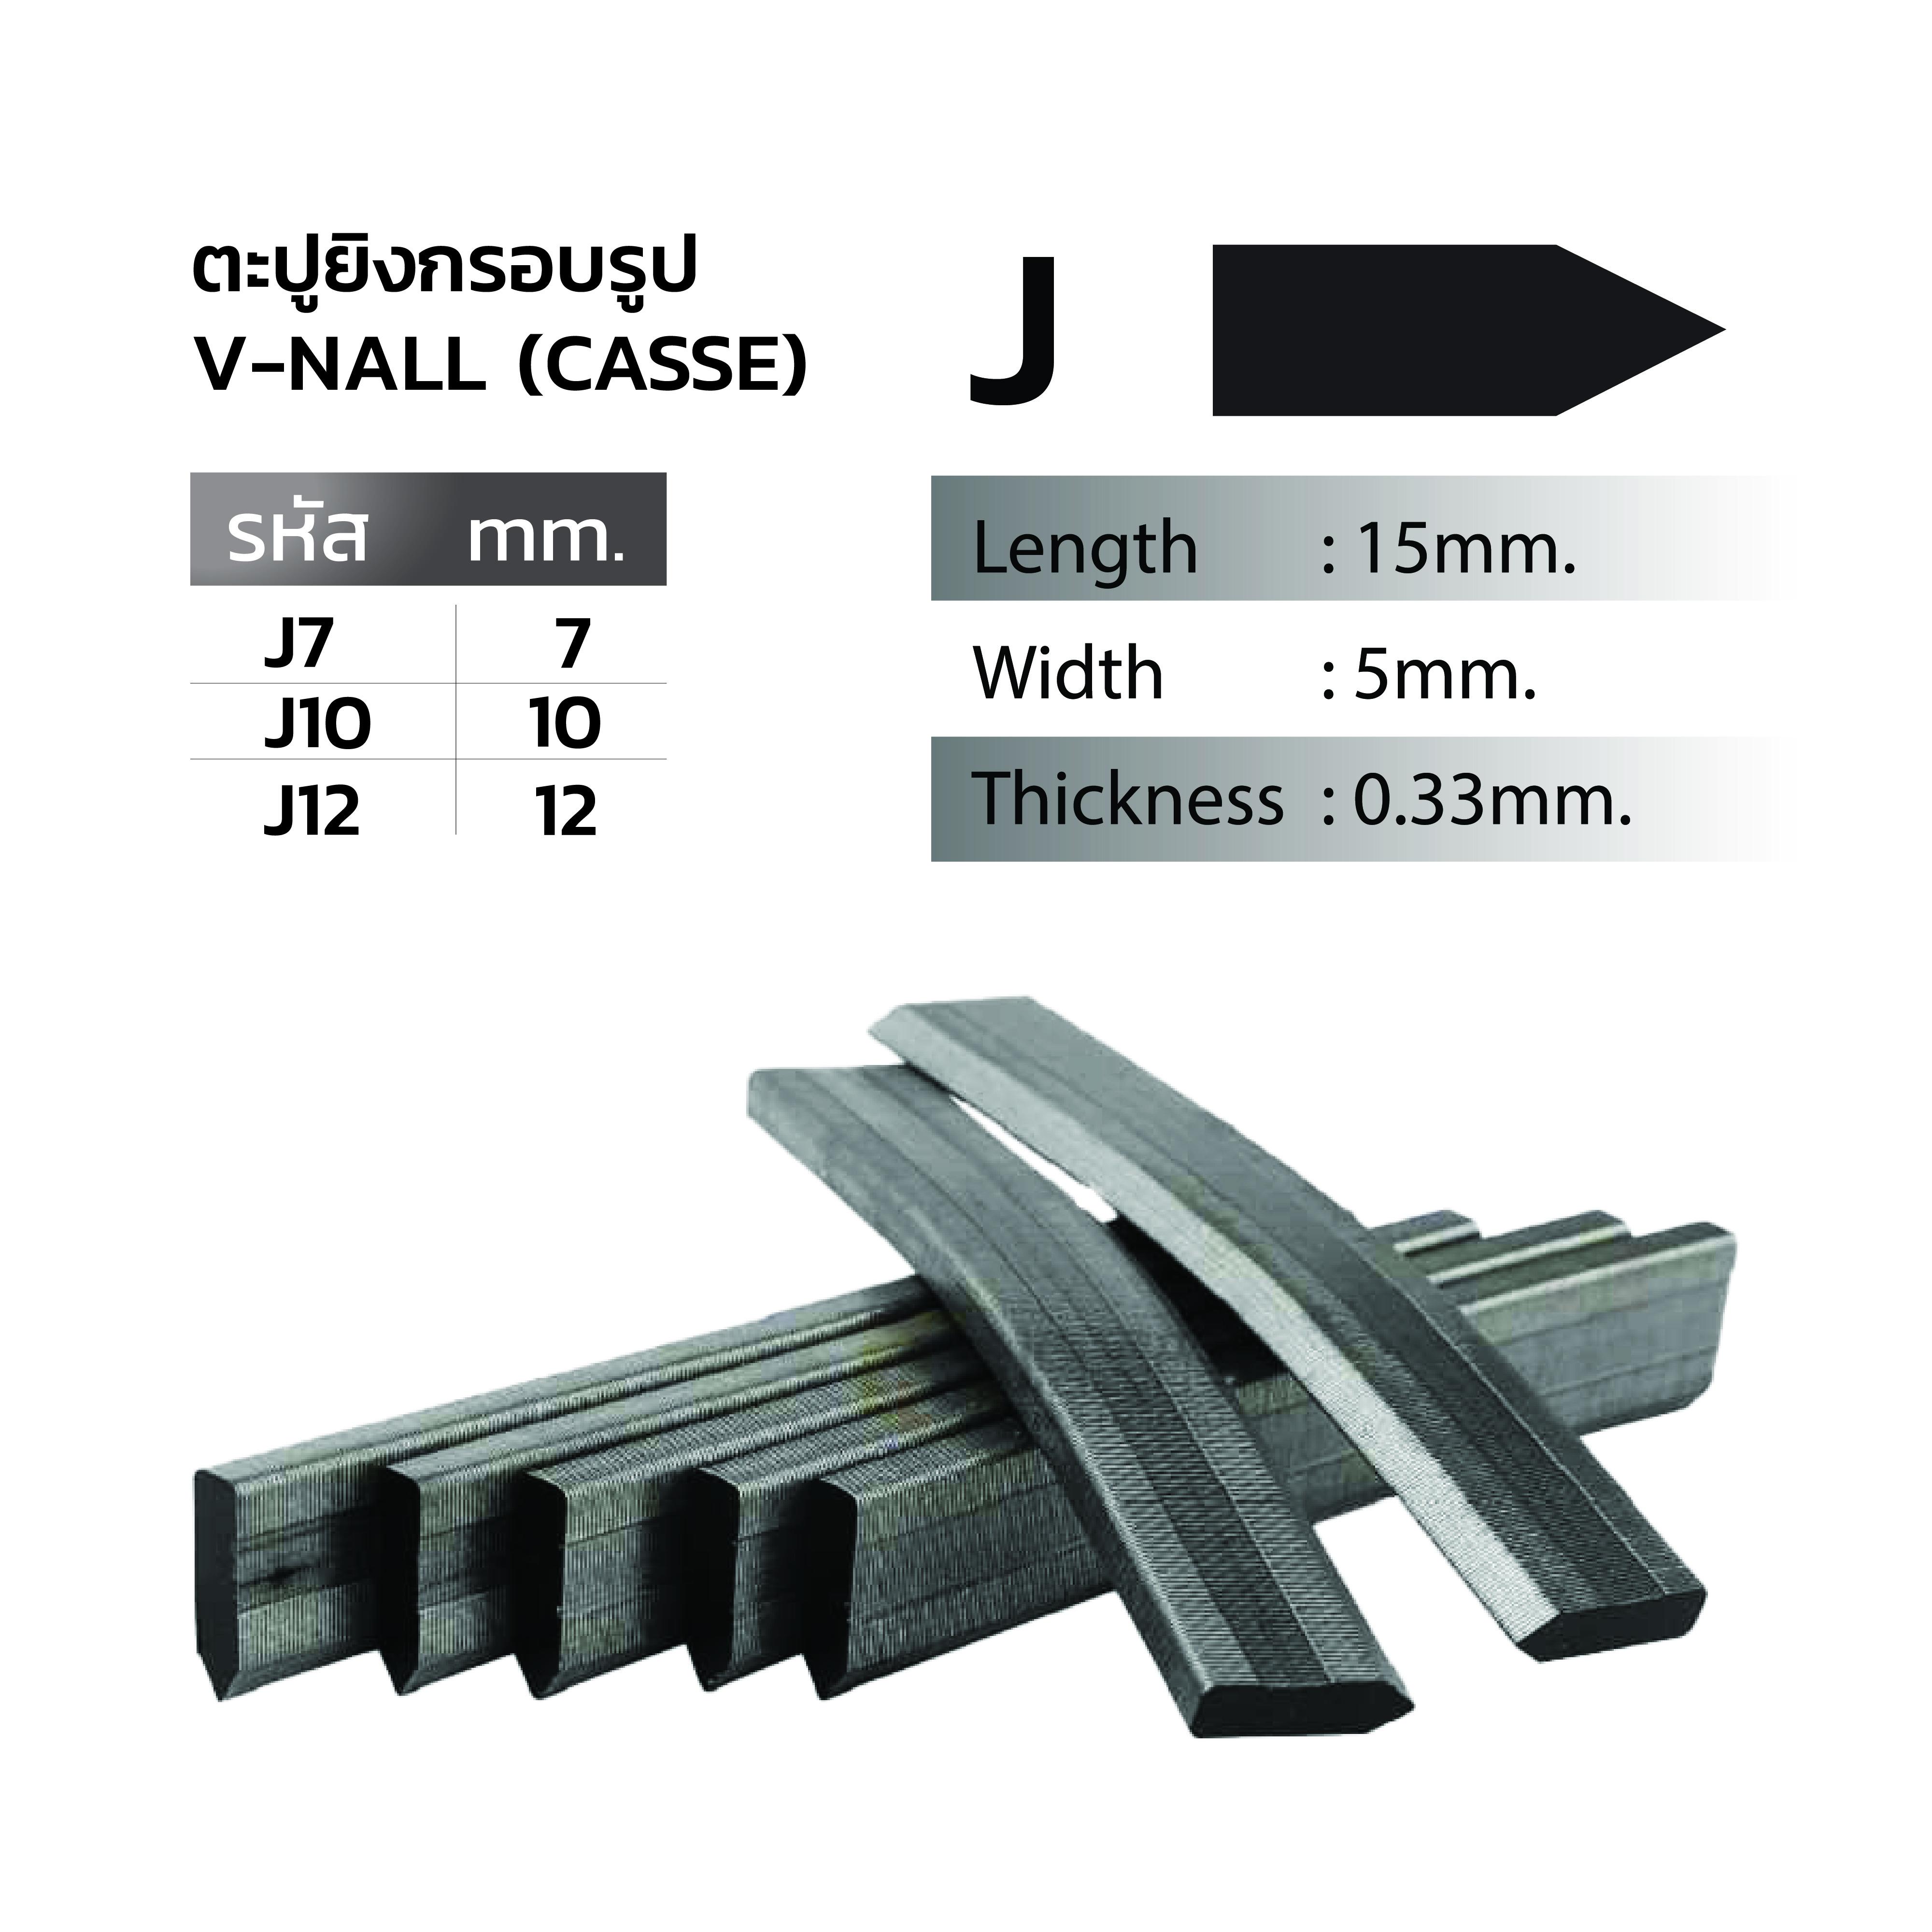 ตะปูยิงกรอบรูป V-NALL (CASSE) JUMBO A รุ่น J